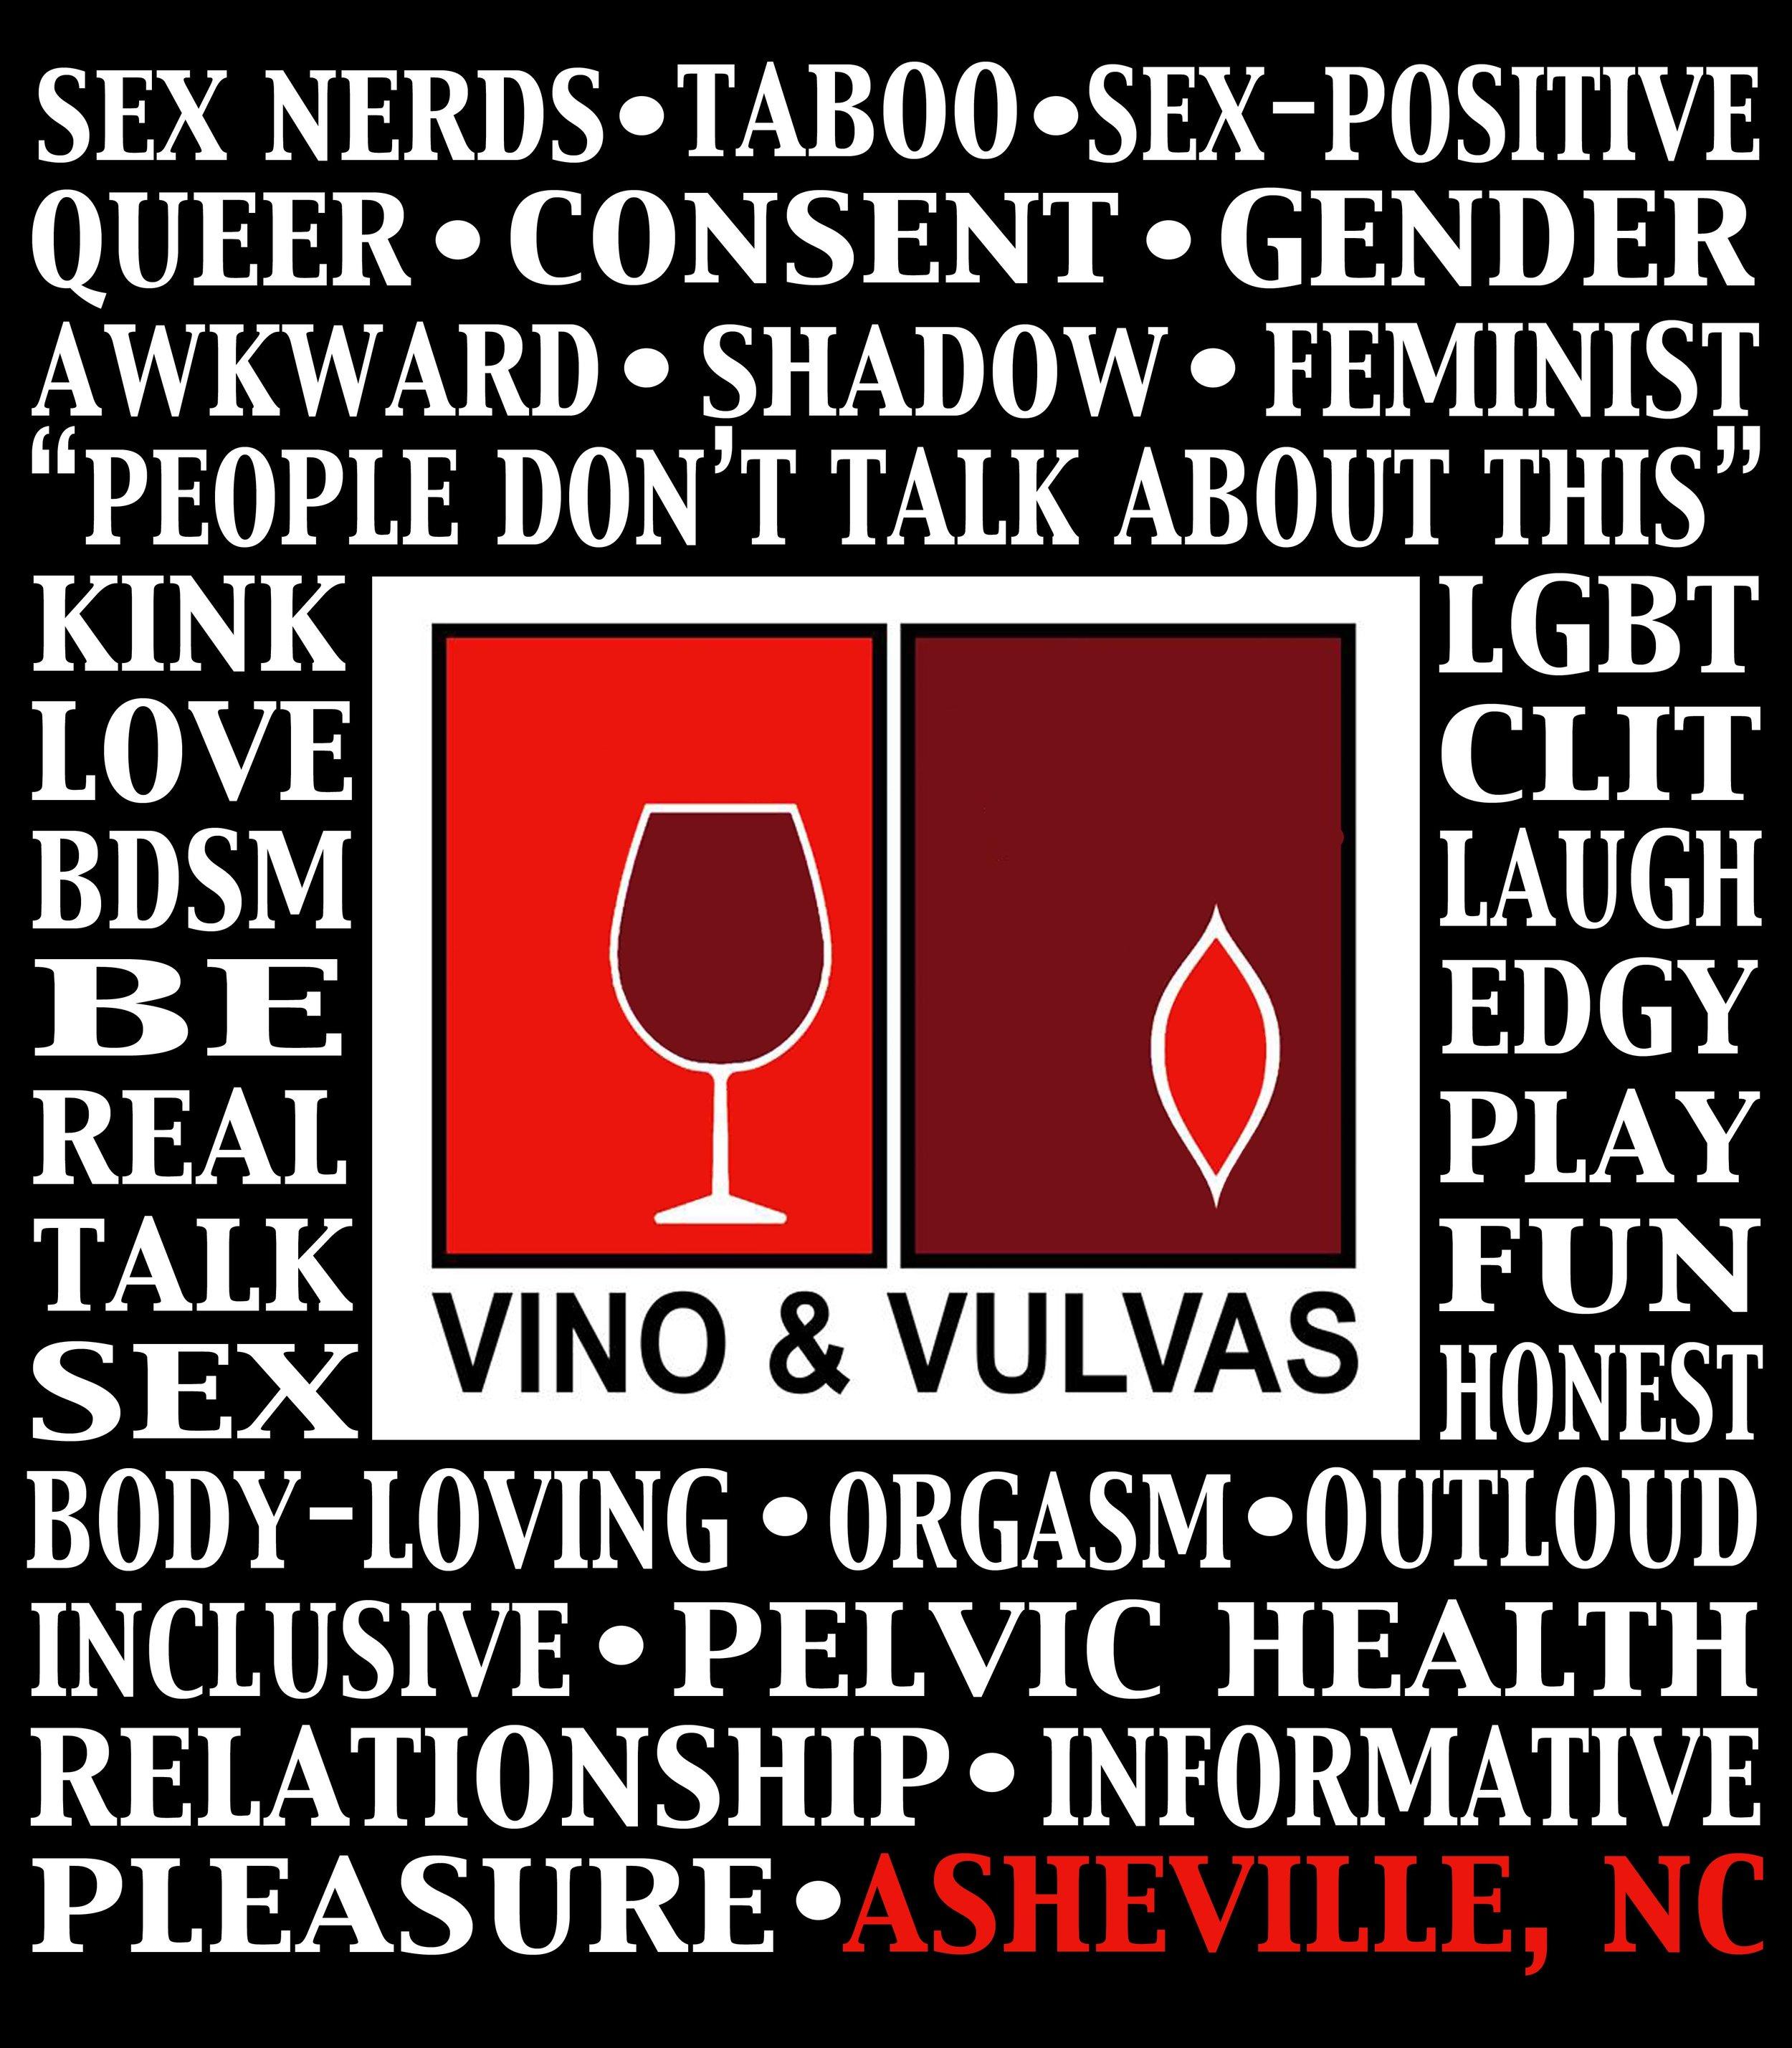 Vinoandvulvasmission.jpg